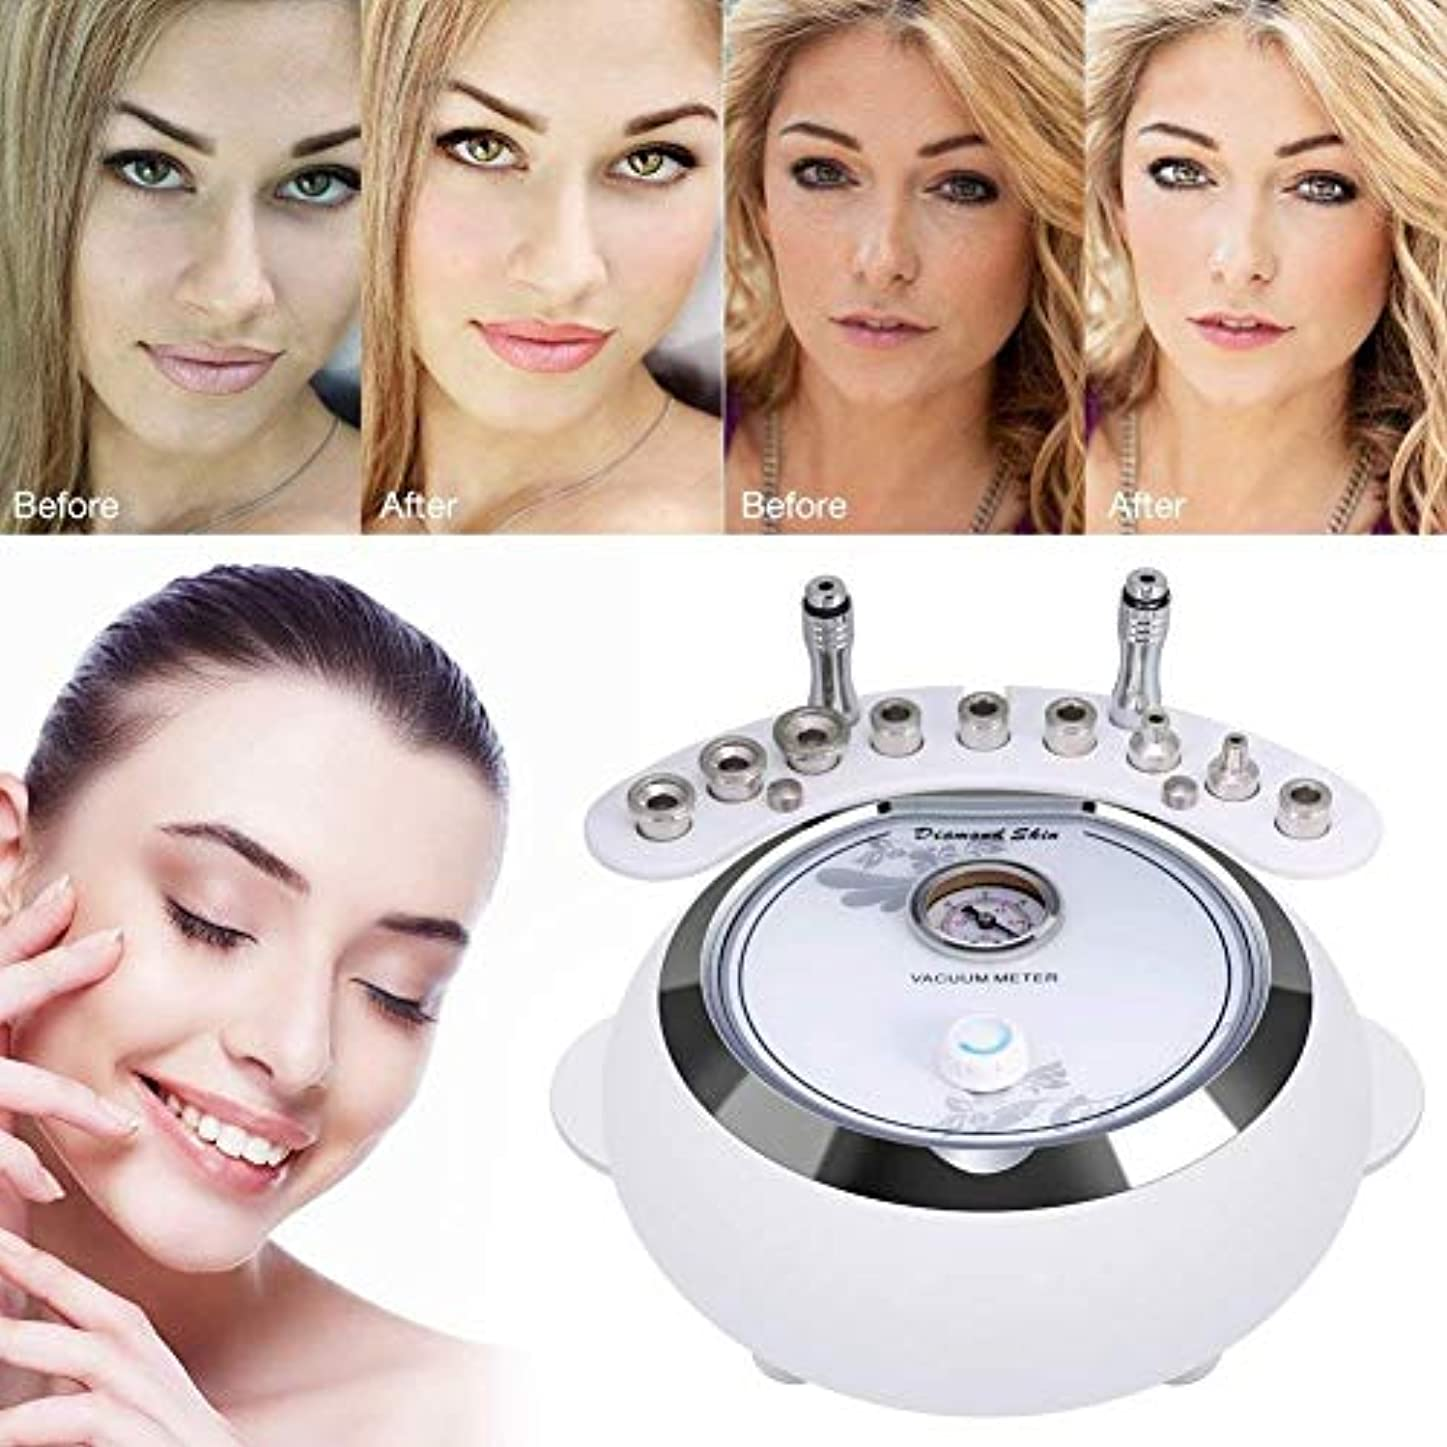 1つのダイヤモンドのマイクロダーマブレーション機械に付き3つ、顔のスキンケアの大広間装置w/掃除機をかけて強い吸引力のダイヤモンドの頭部の美装置